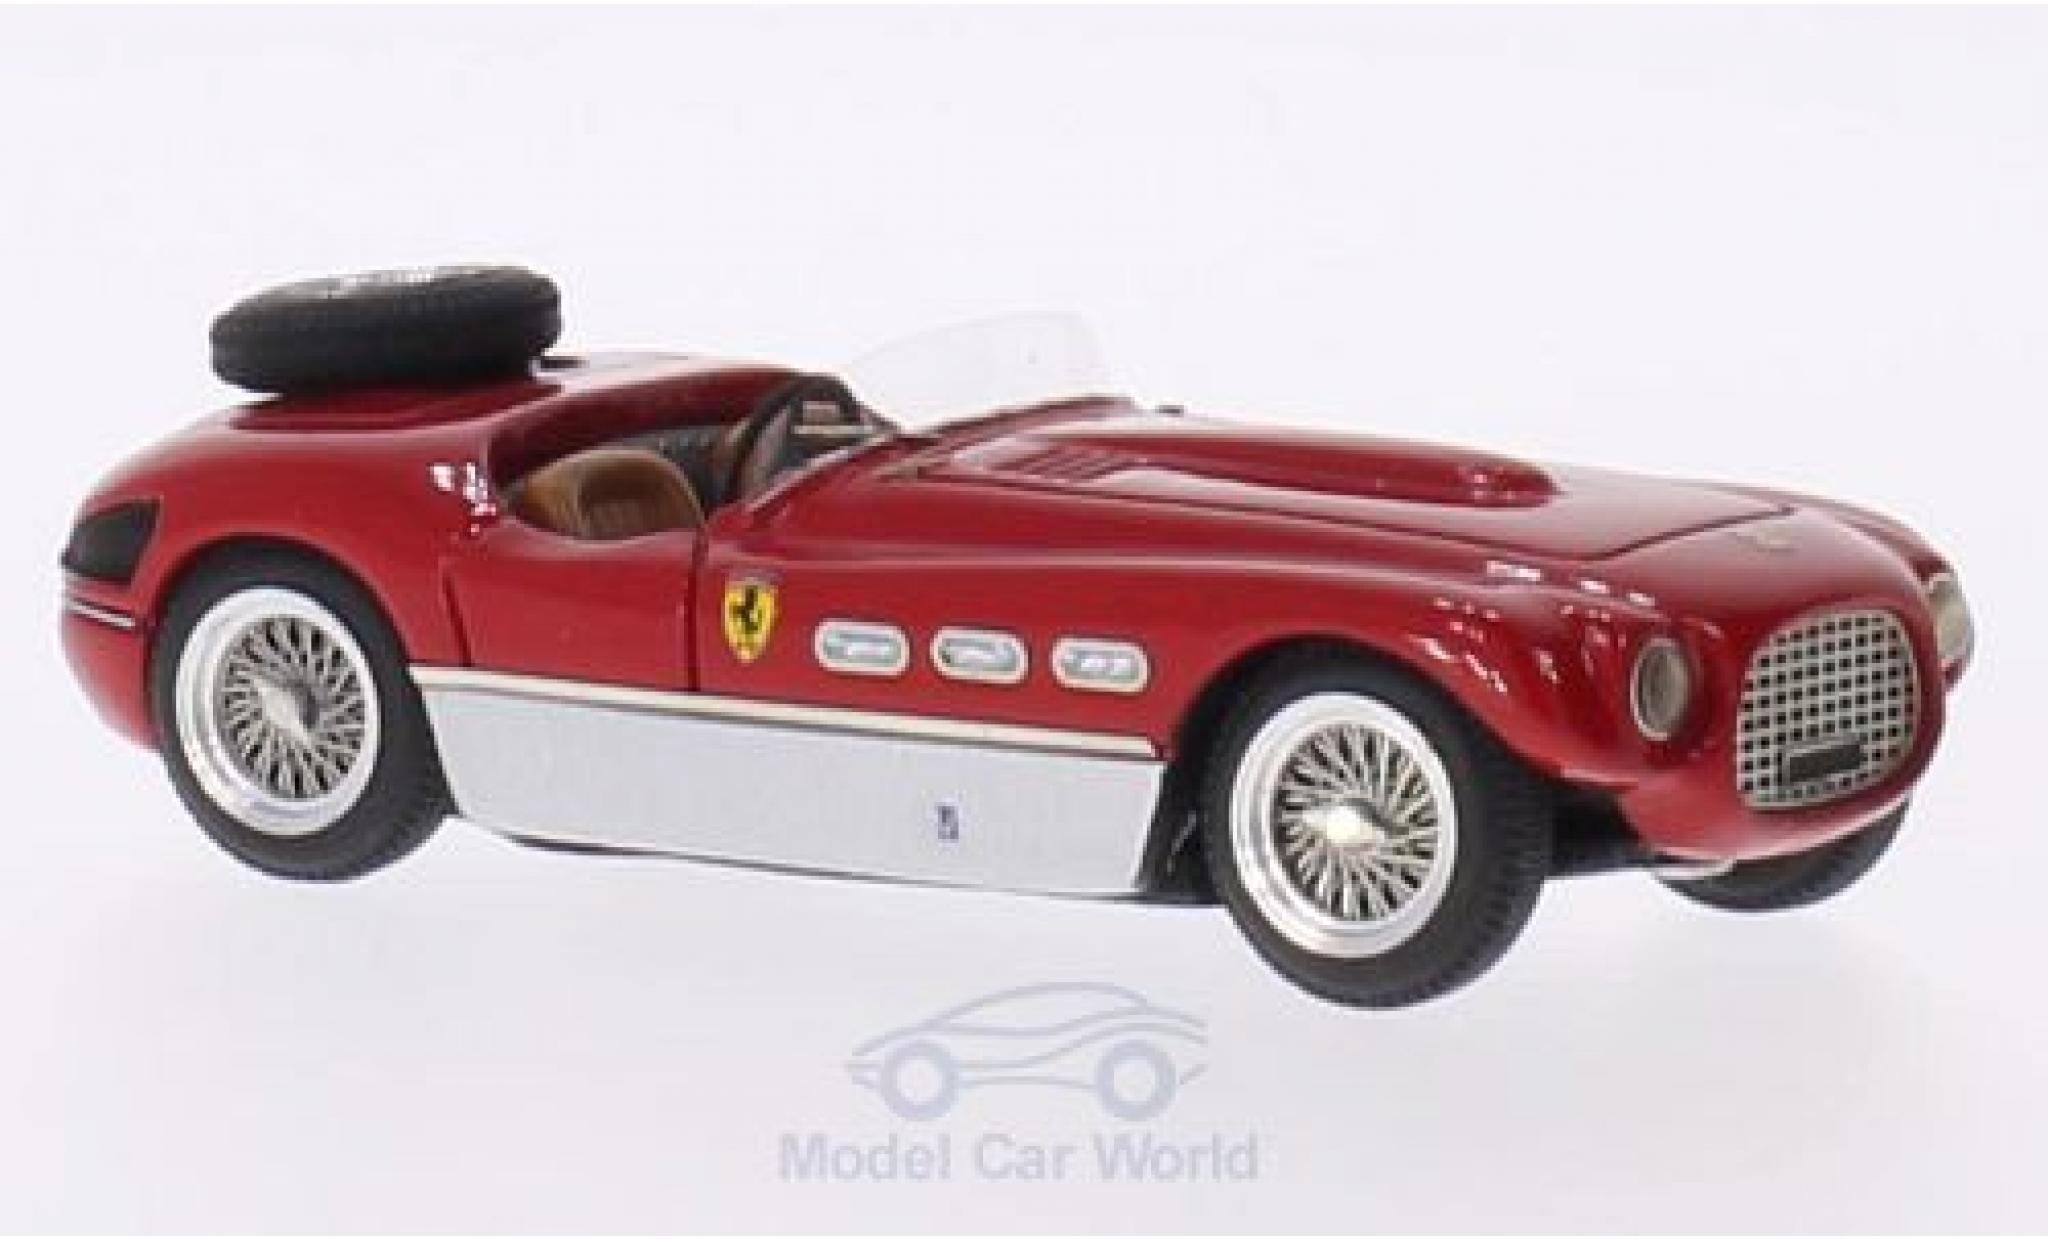 Ferrari 340 1/43 Jolly Model Spyder Vignale red/grey RHD 1953